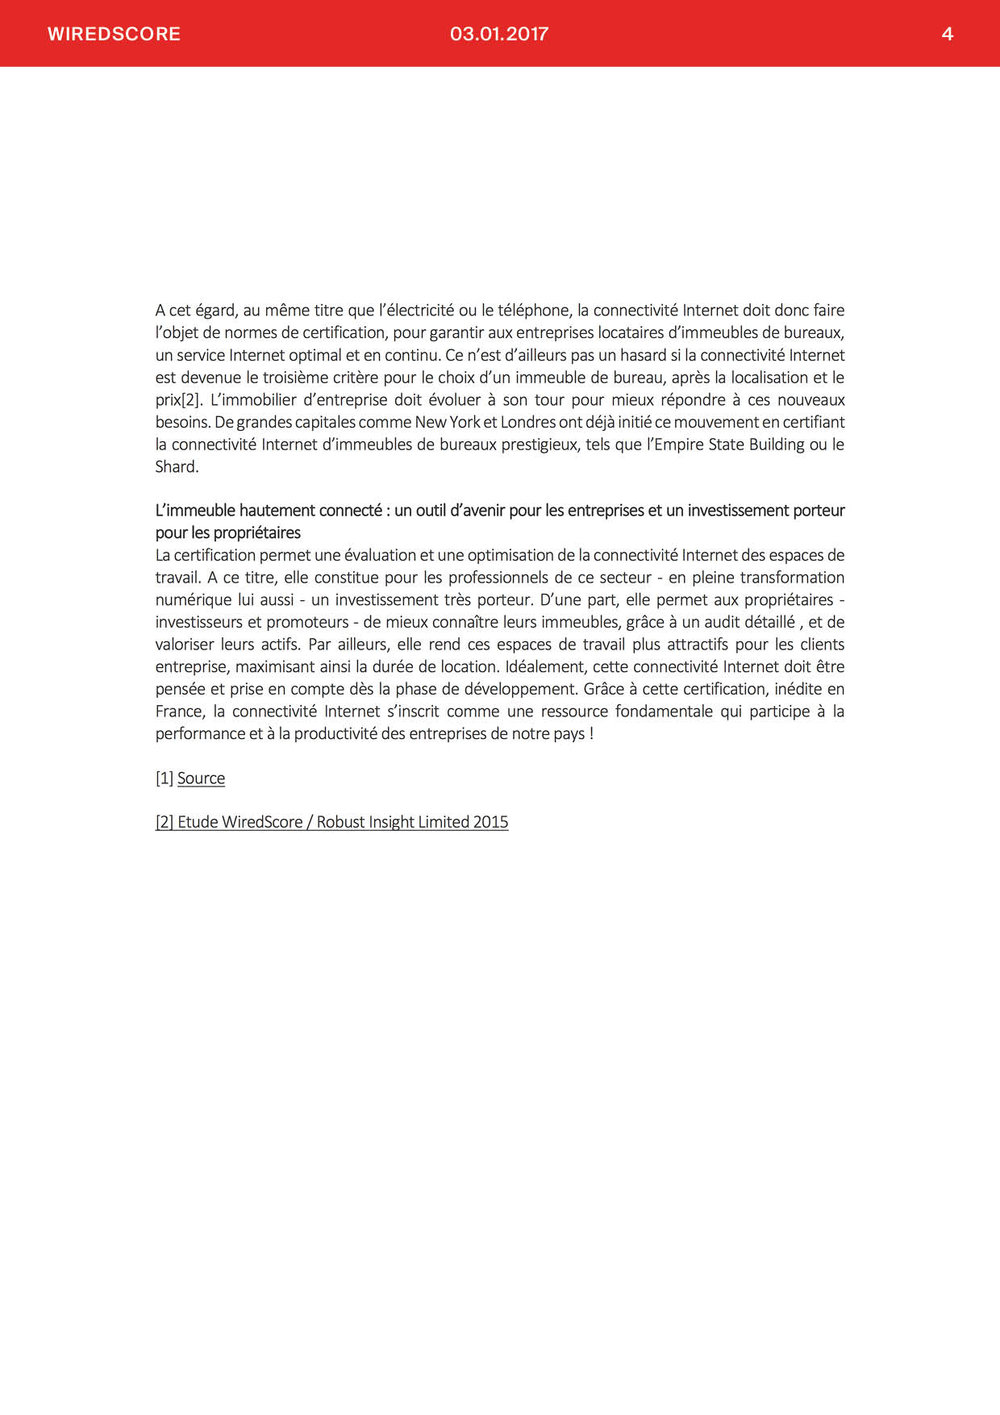 BOOKMEDIA_FEV_WEB4.jpg